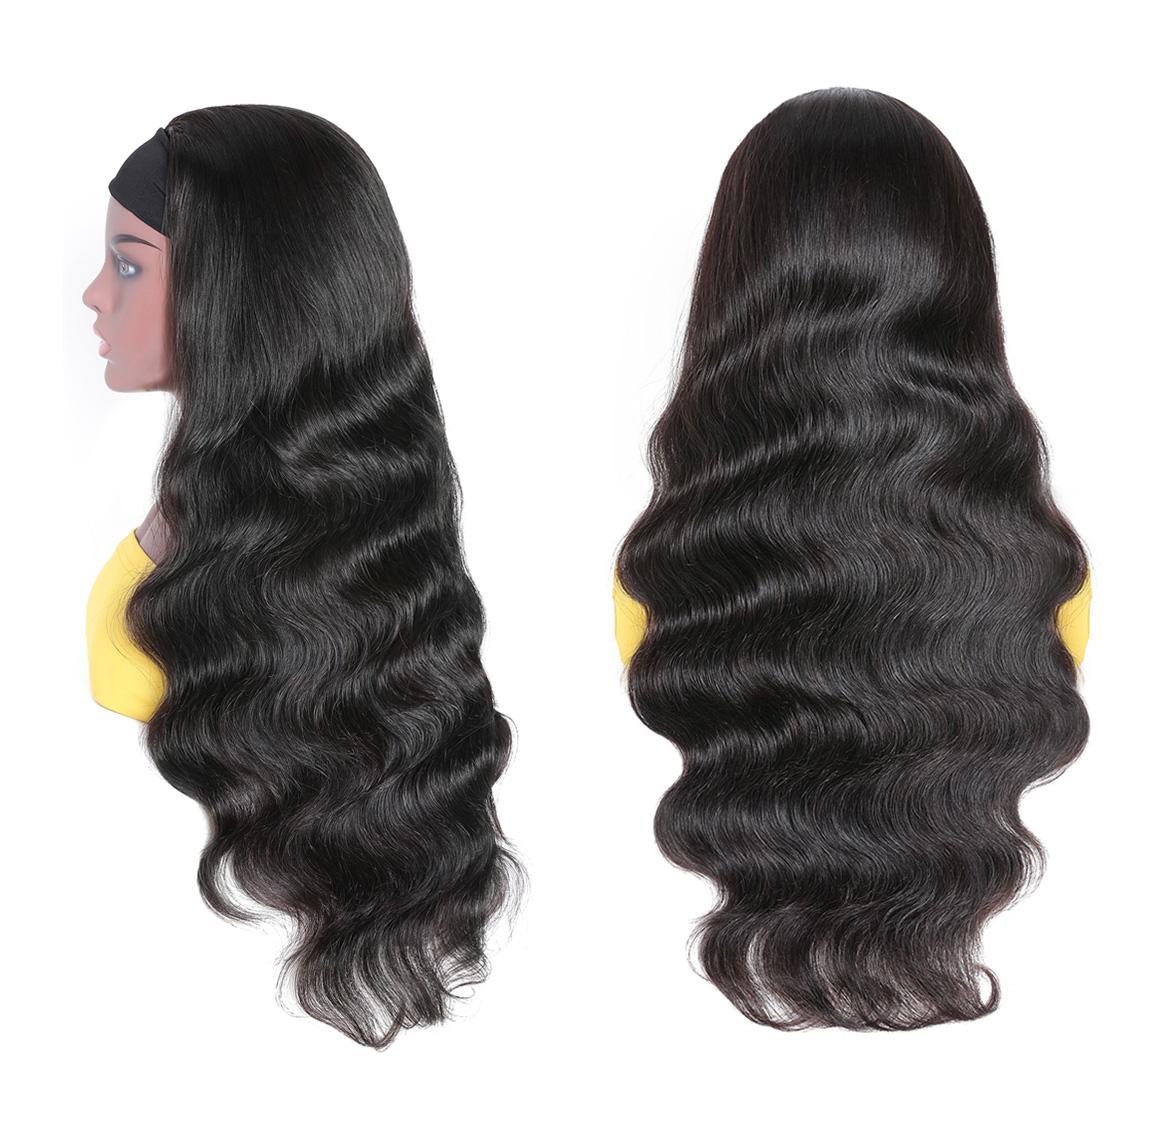 glueless headband body wave wig